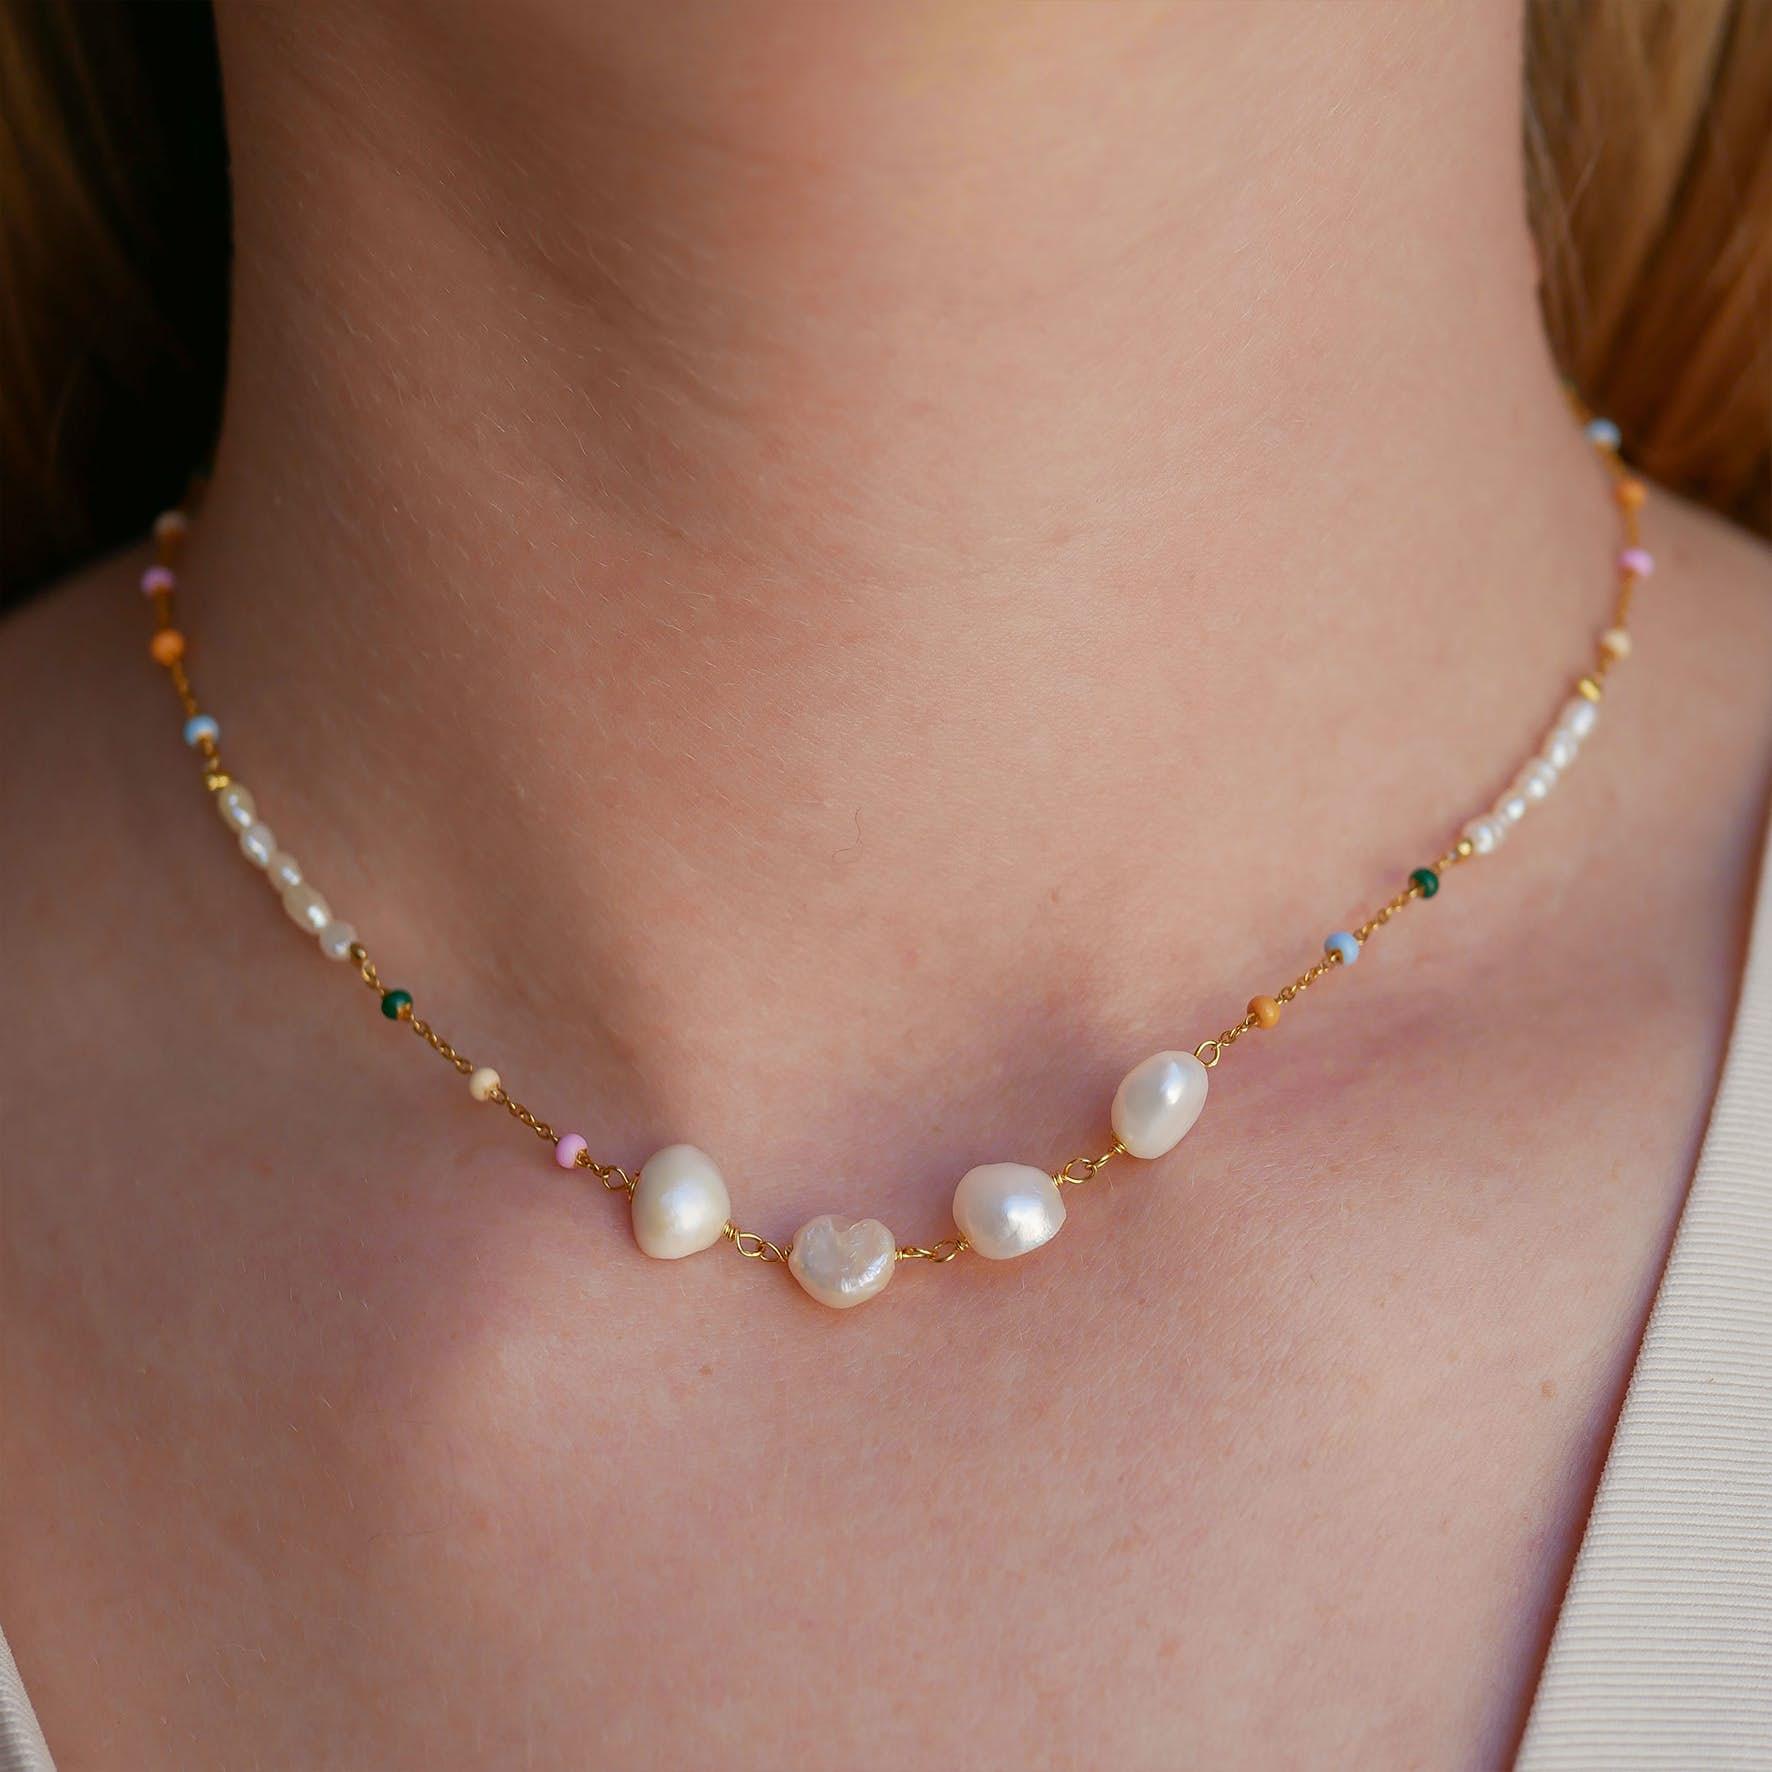 Lola Perla Necklace Dreamy Pearl from Enamel Copenhagen in Goldplated-Silver Sterling 925